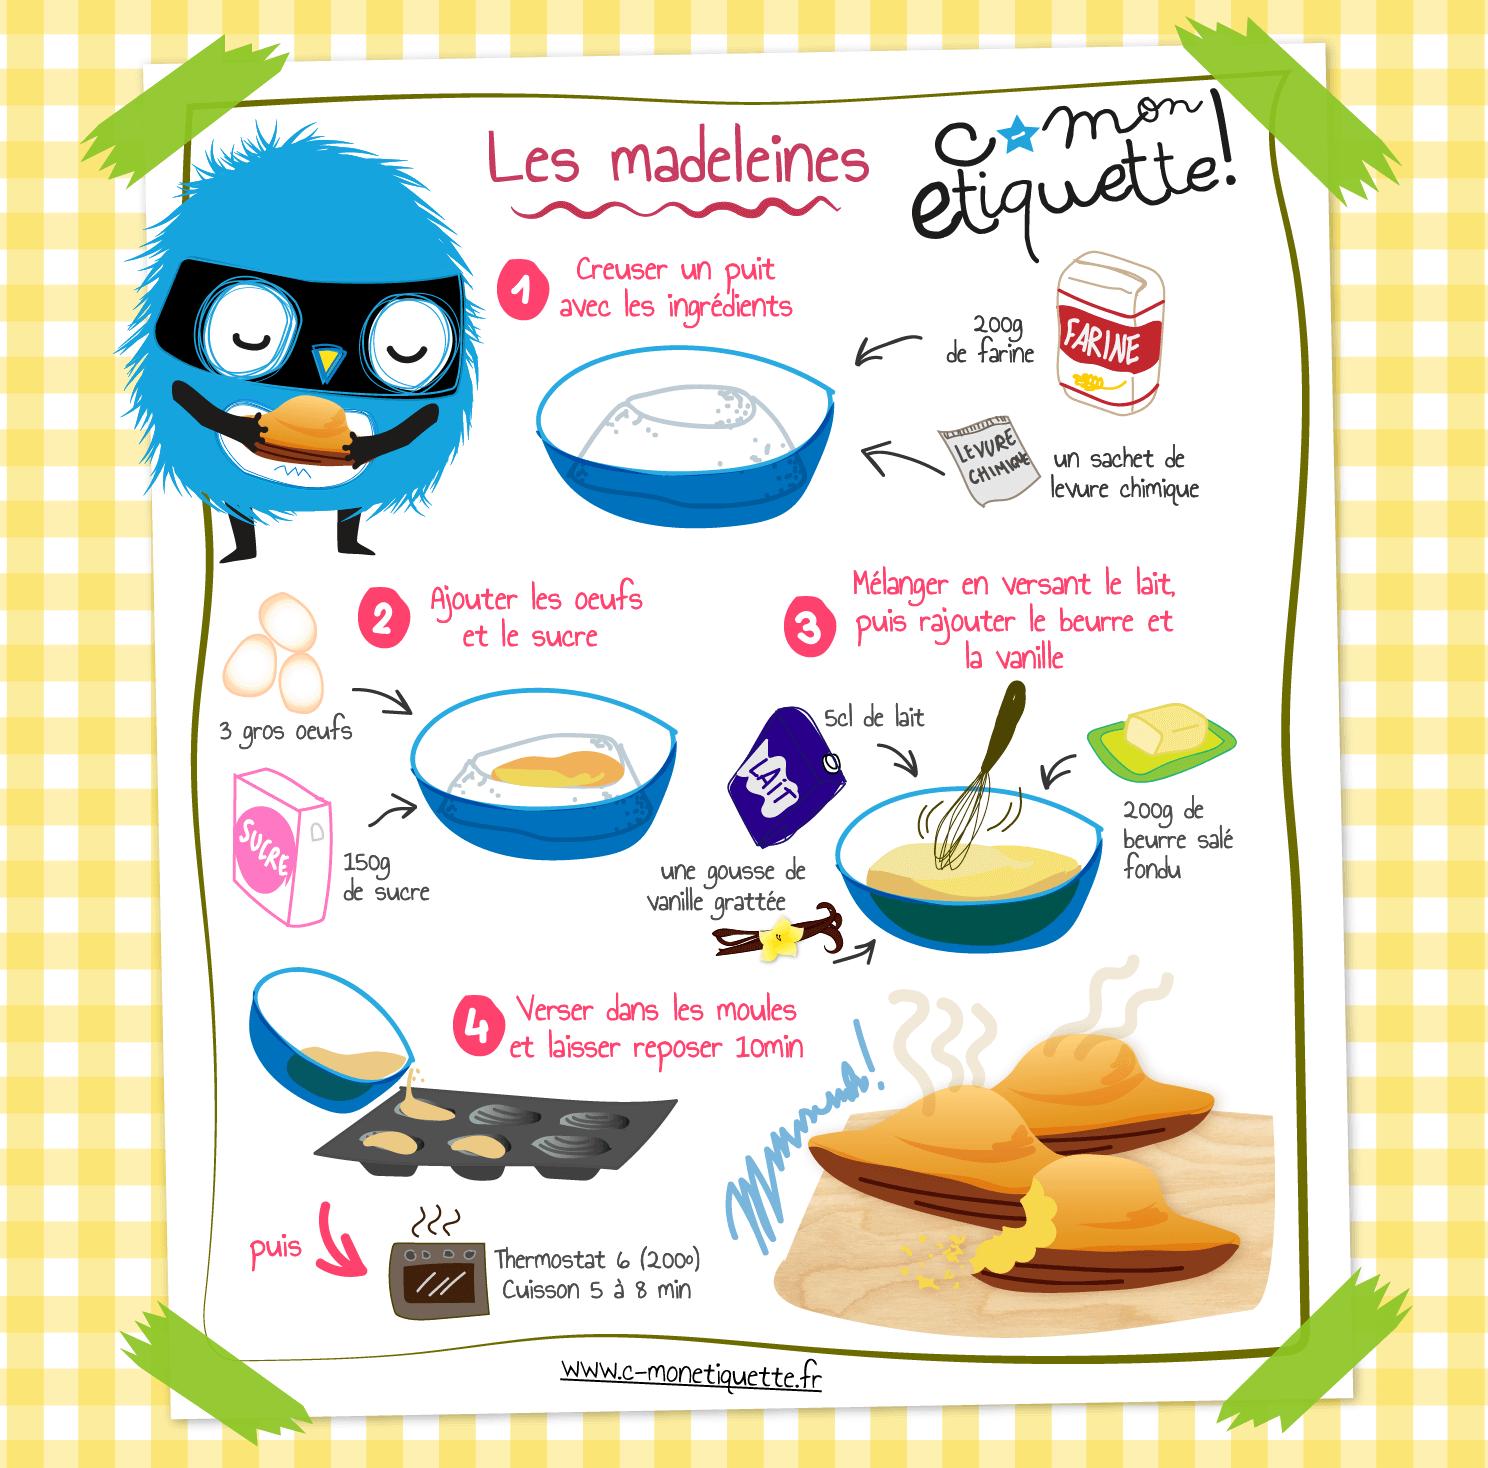 Recette de madeleines fiche cuisine recette madeleine - Atelier de cuisine pour enfants ...